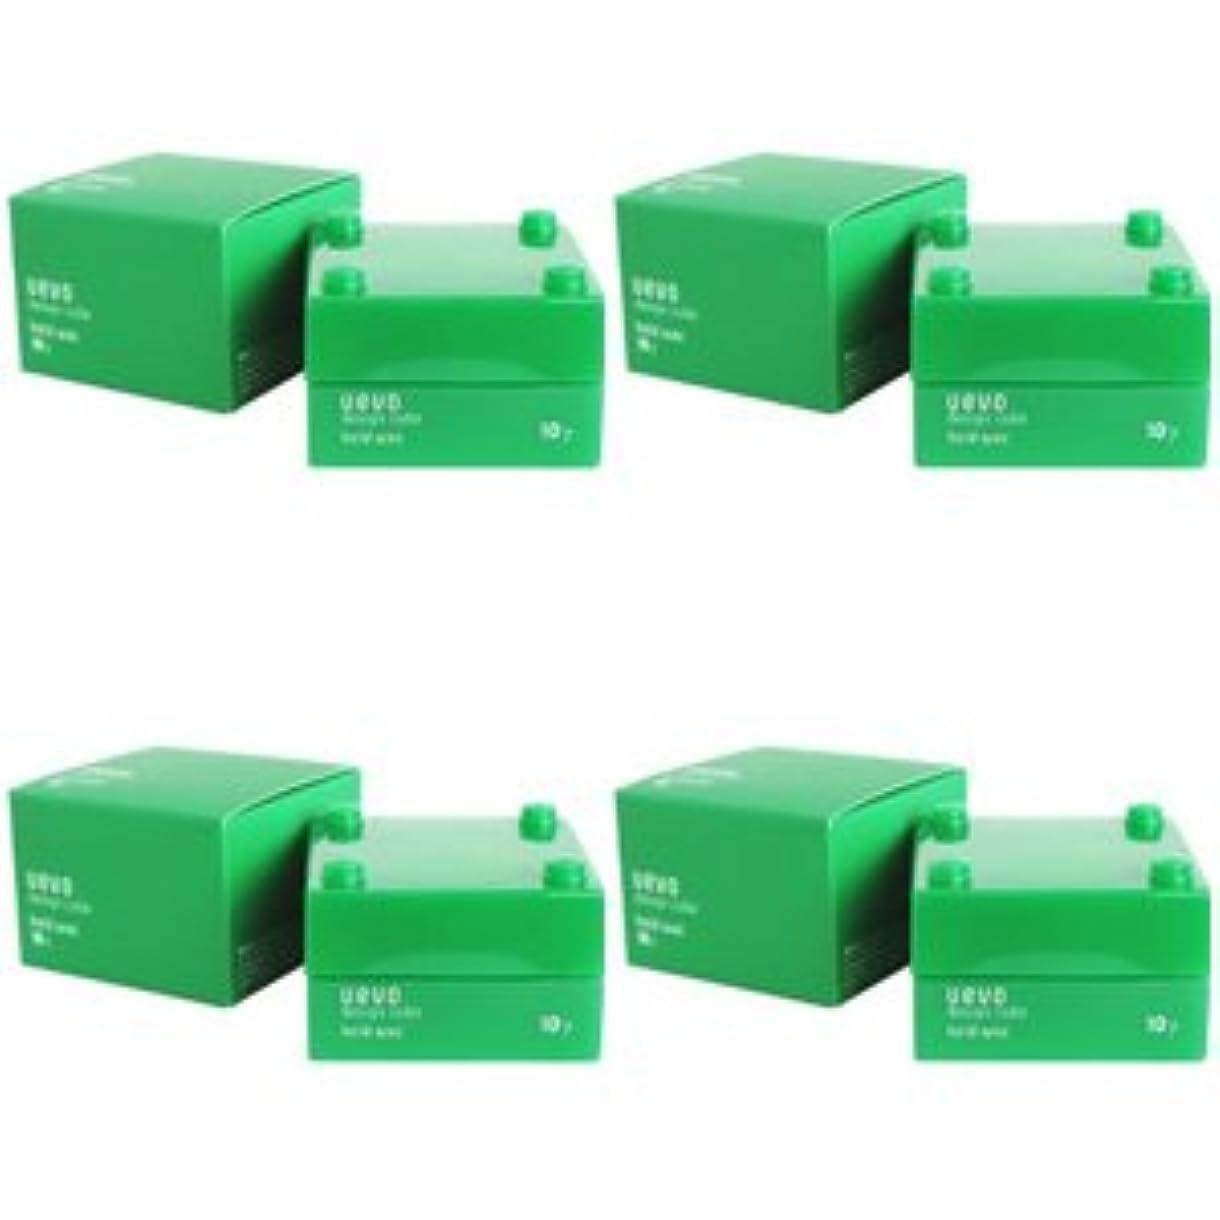 閃光死んでいる涙が出る【X4個セット】 デミ ウェーボ デザインキューブ ホールドワックス 30g hold wax DEMI uevo design cube